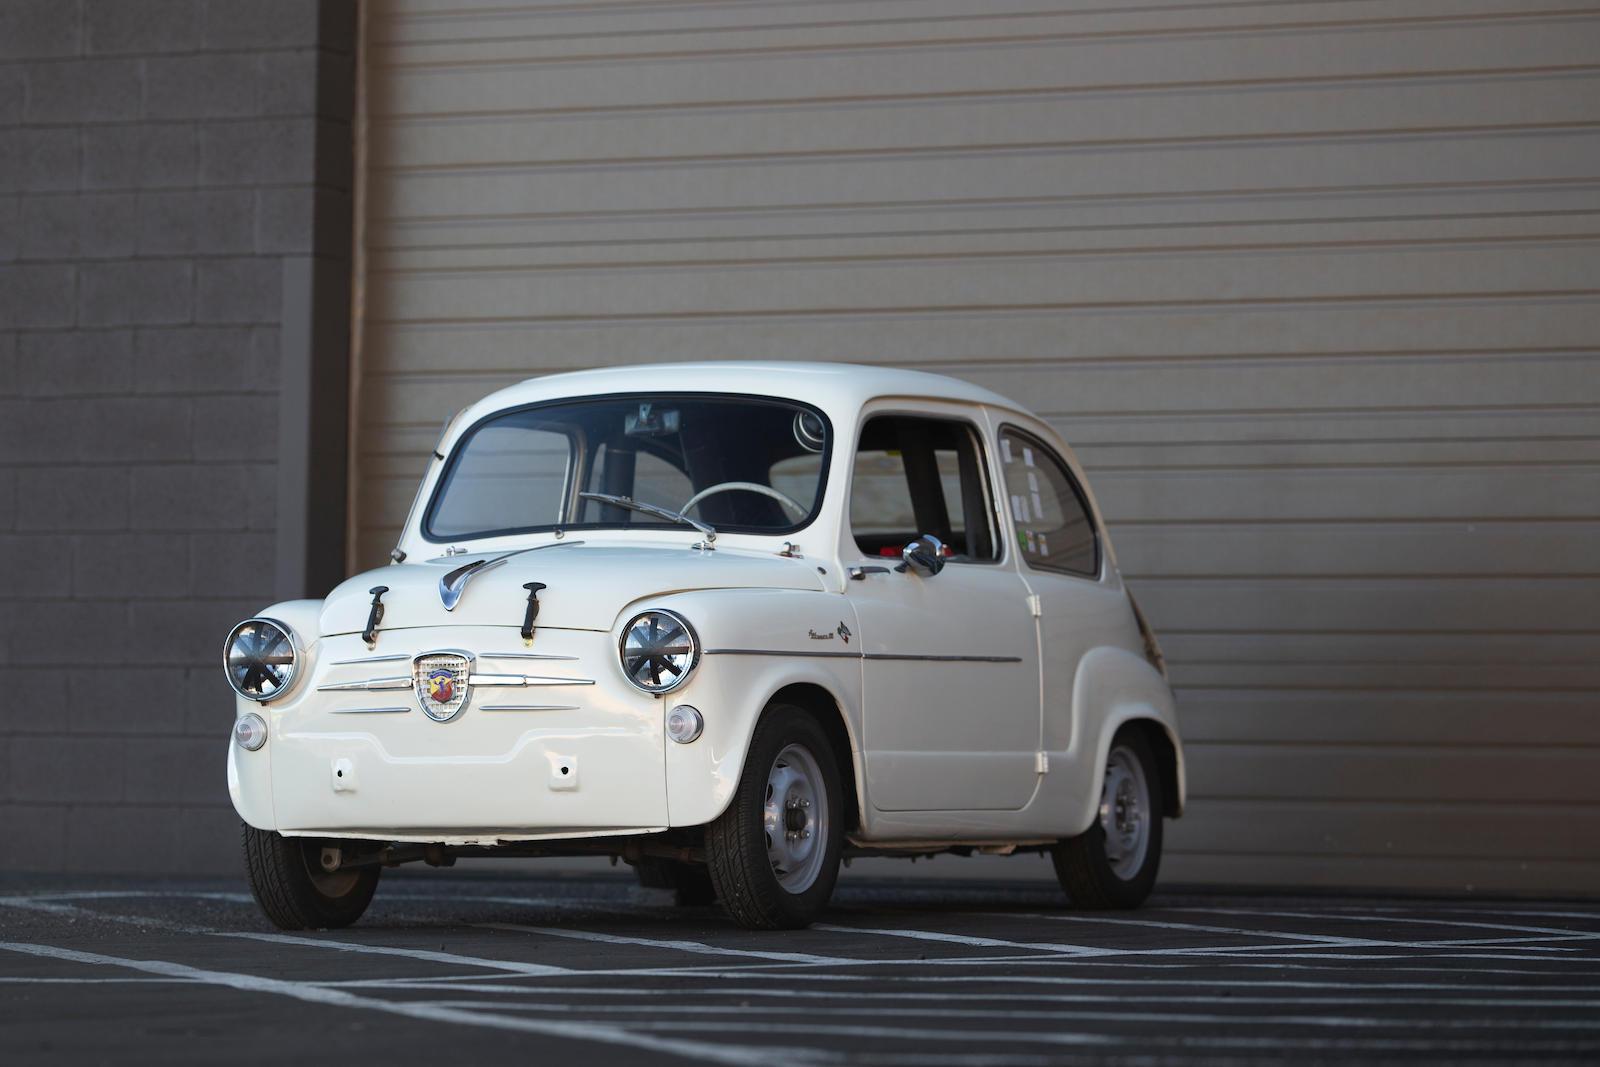 1959 Fiat-Abarth Berlina 750 Derivazione 3/4 front